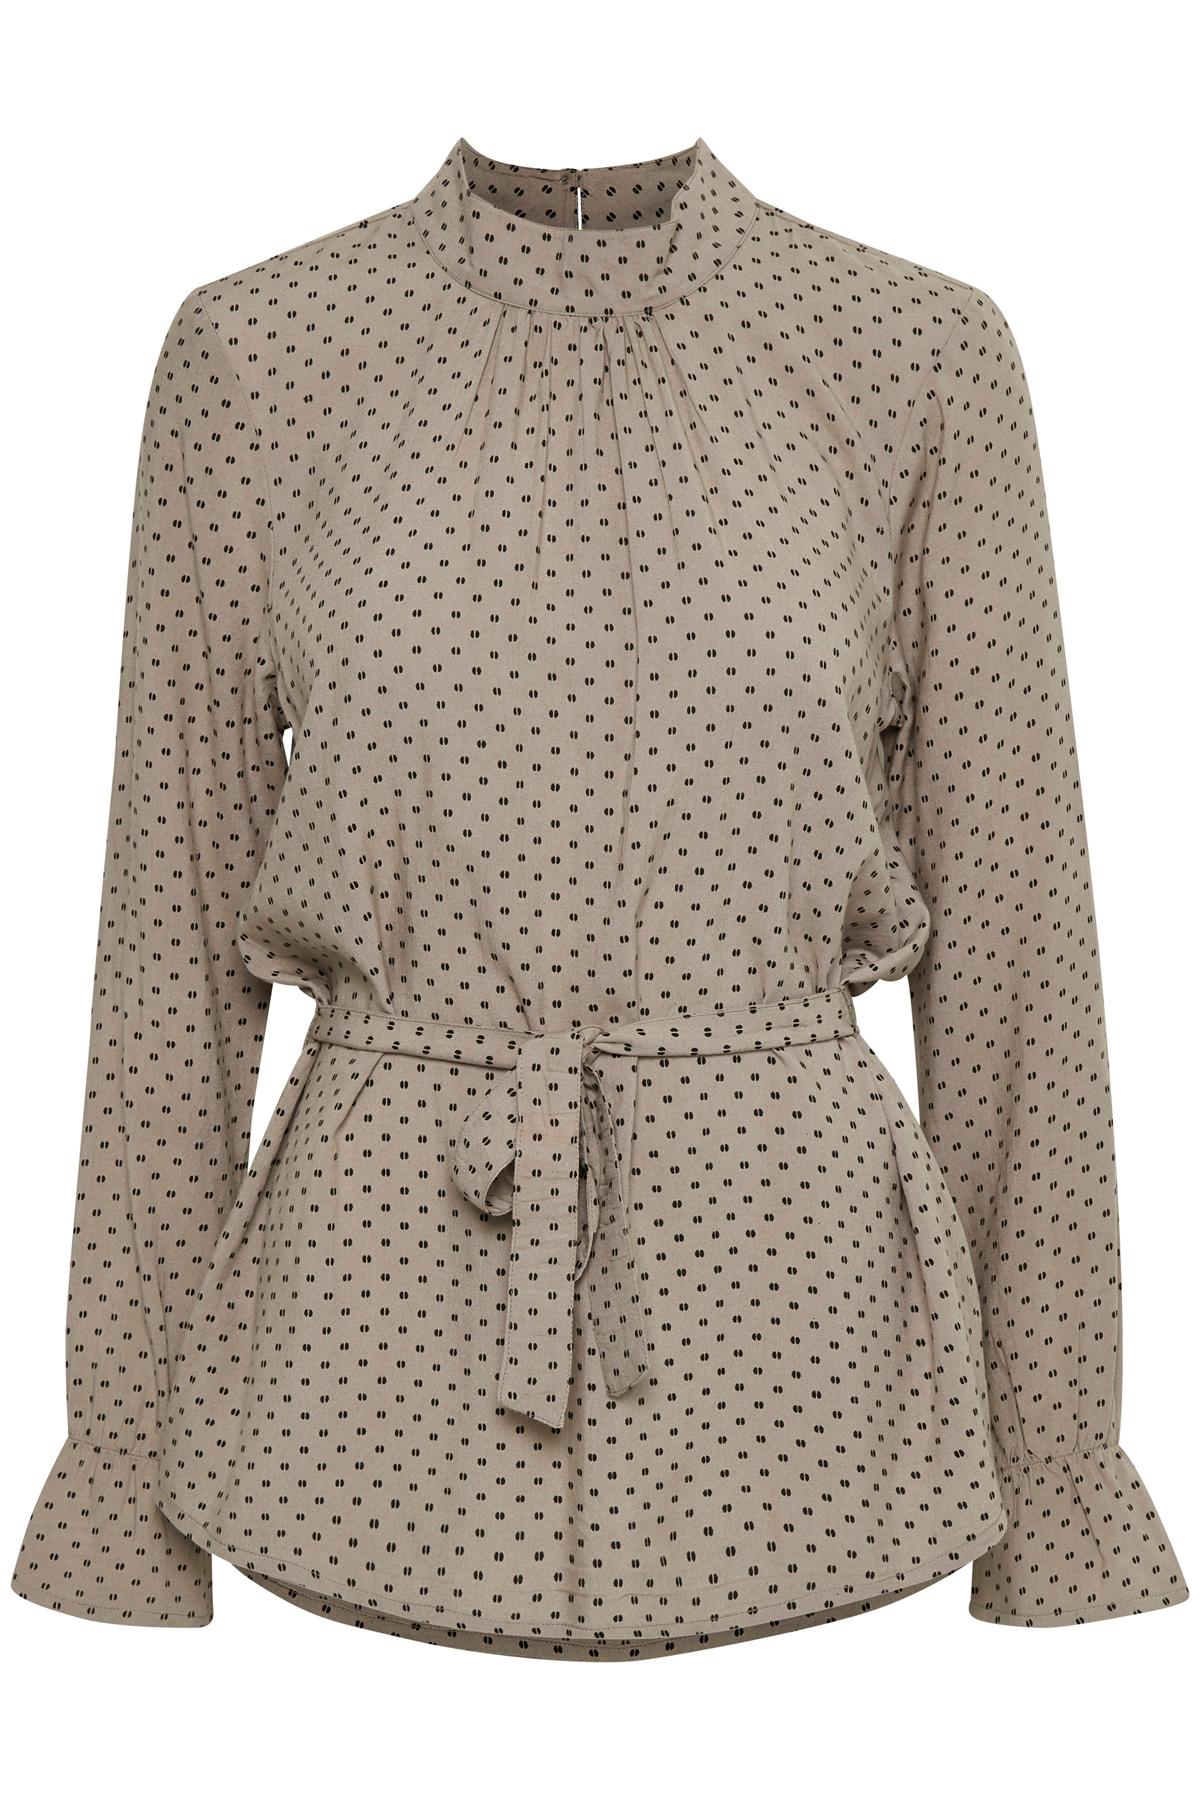 Champagne/sort Langærmet bluse fra Bon'A Parte – Køb Champagne/sort Langærmet bluse fra str. S-2XL her